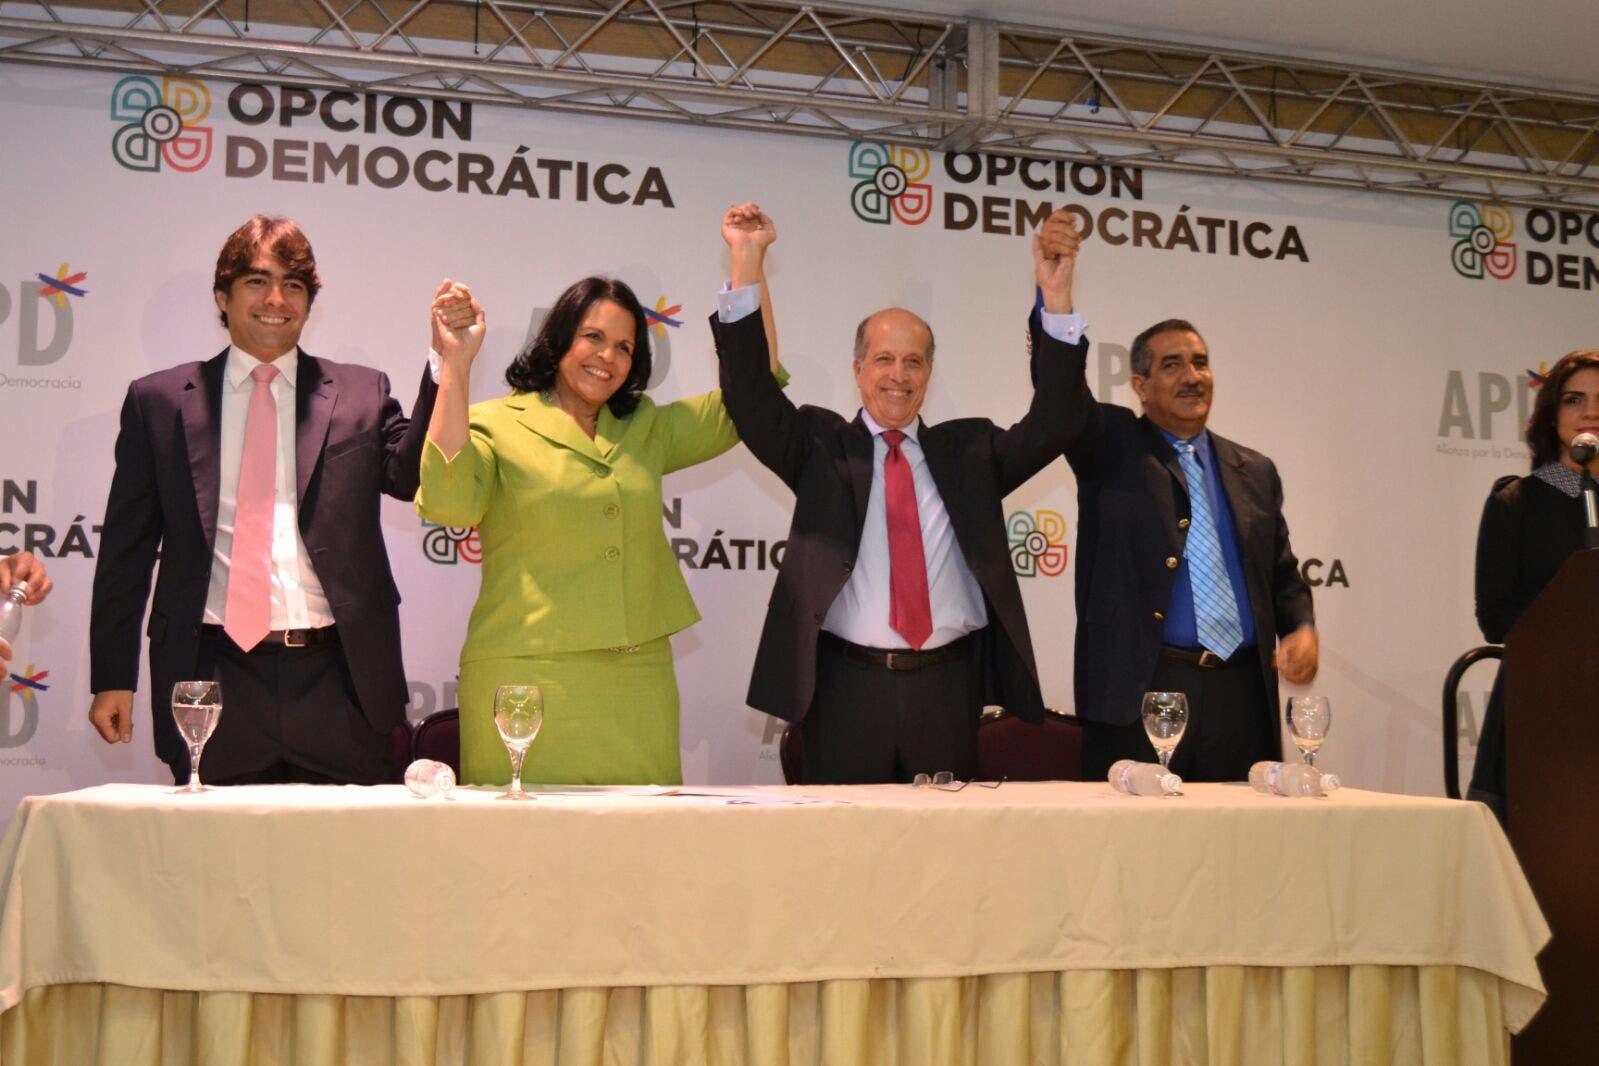 Max Puig apoya a Minou Tavárez Mirabal; Guillermo Moreno está en otro bloque